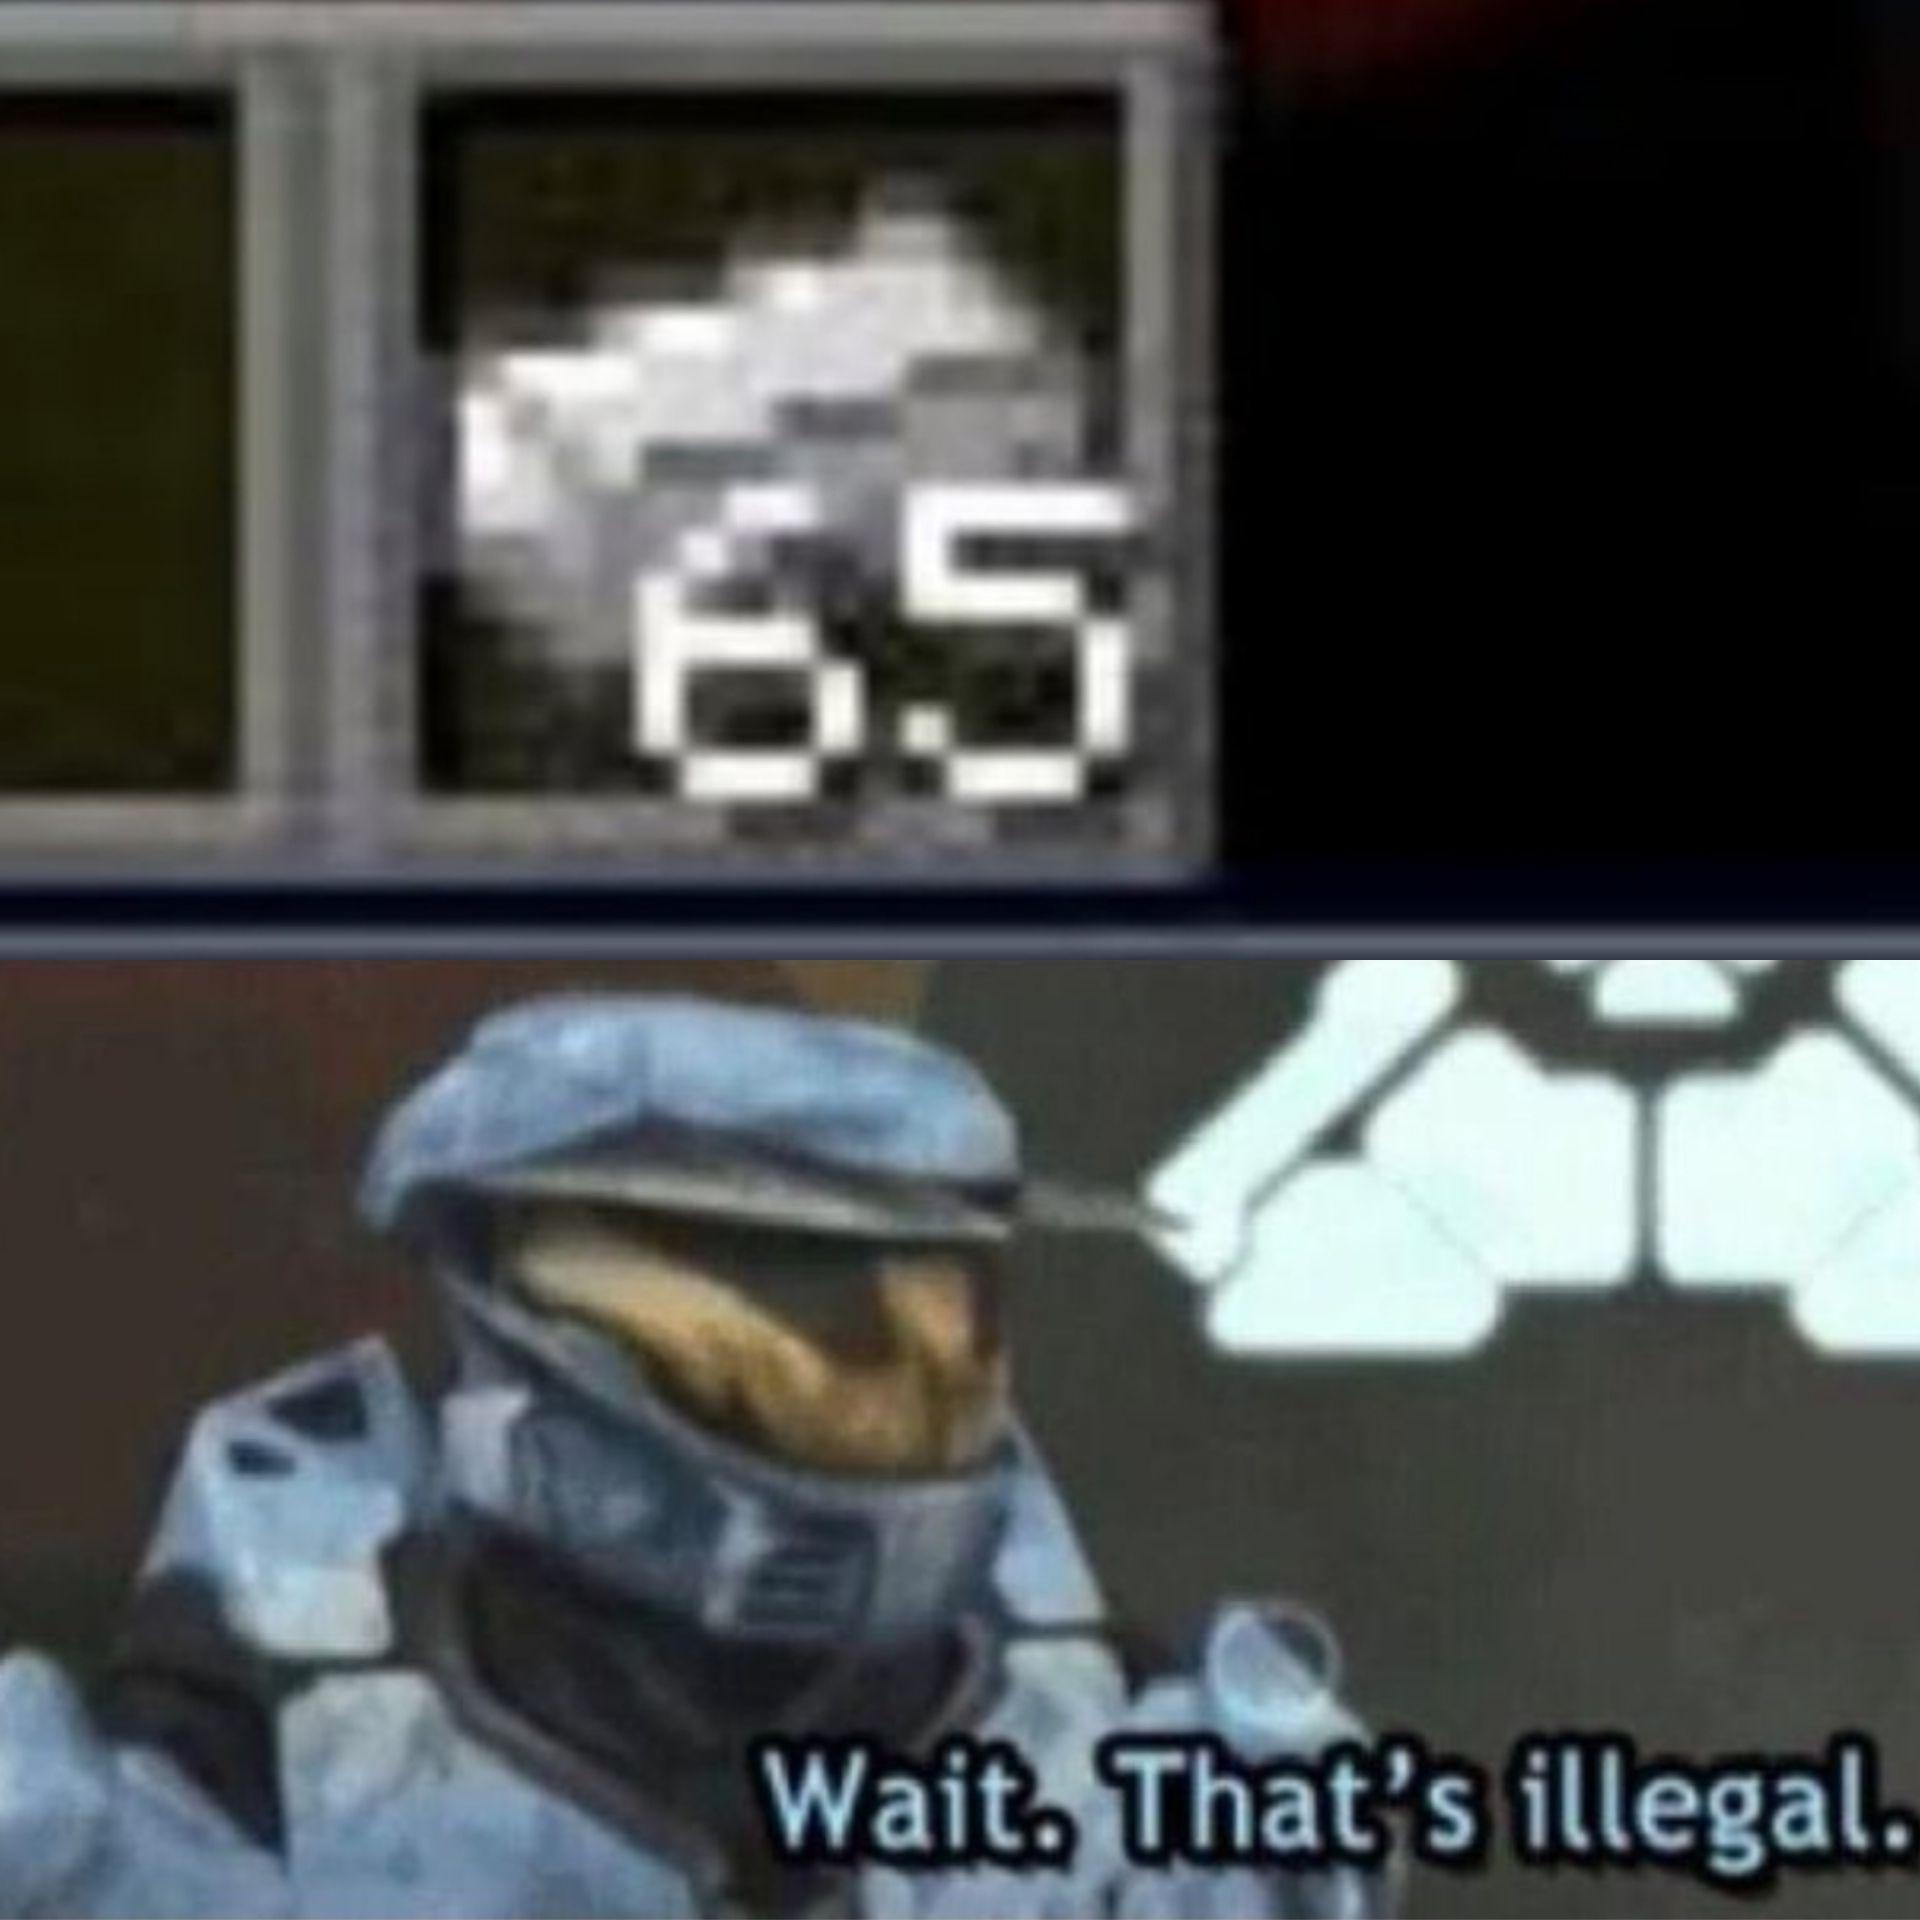 espera eso es ilegal - meme